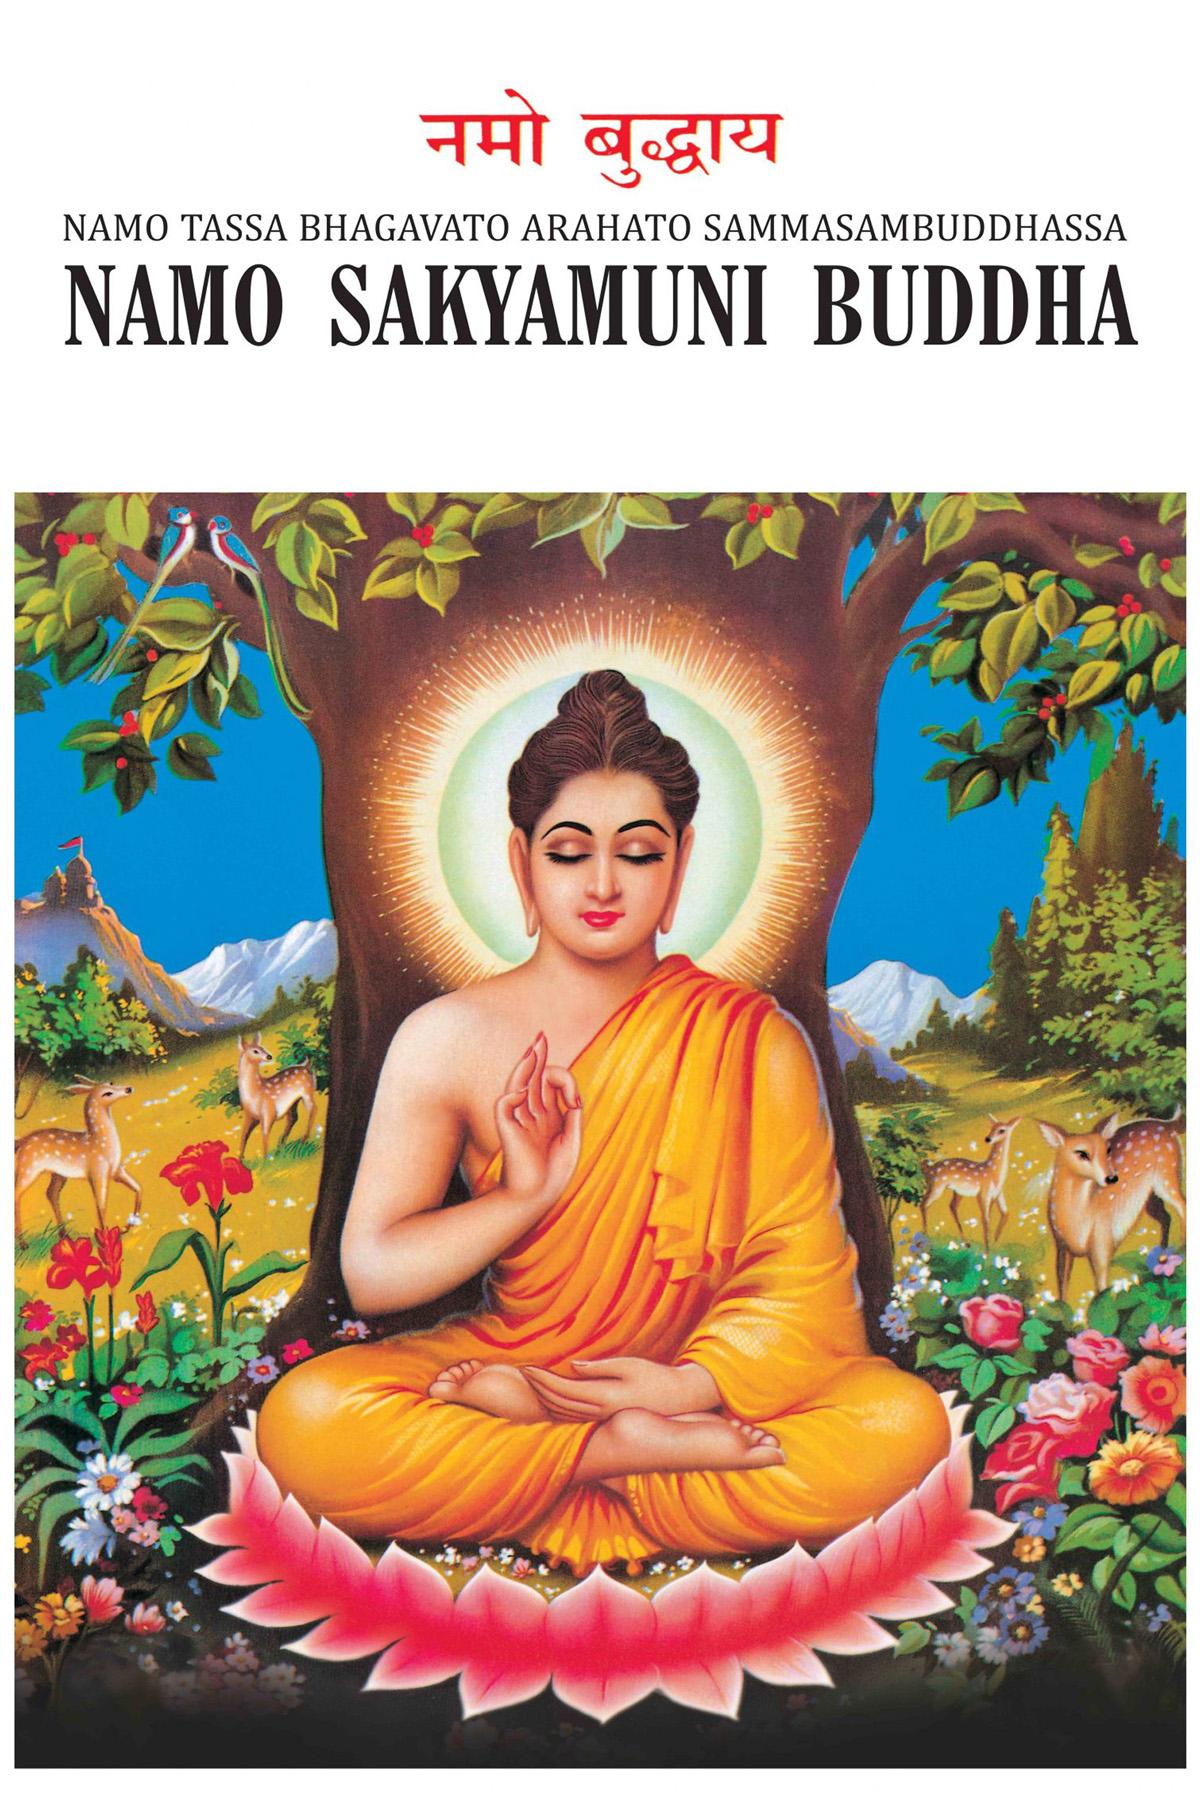 Tôn ảnh Phật Thích Ca Mâu Ni chất lượng cao